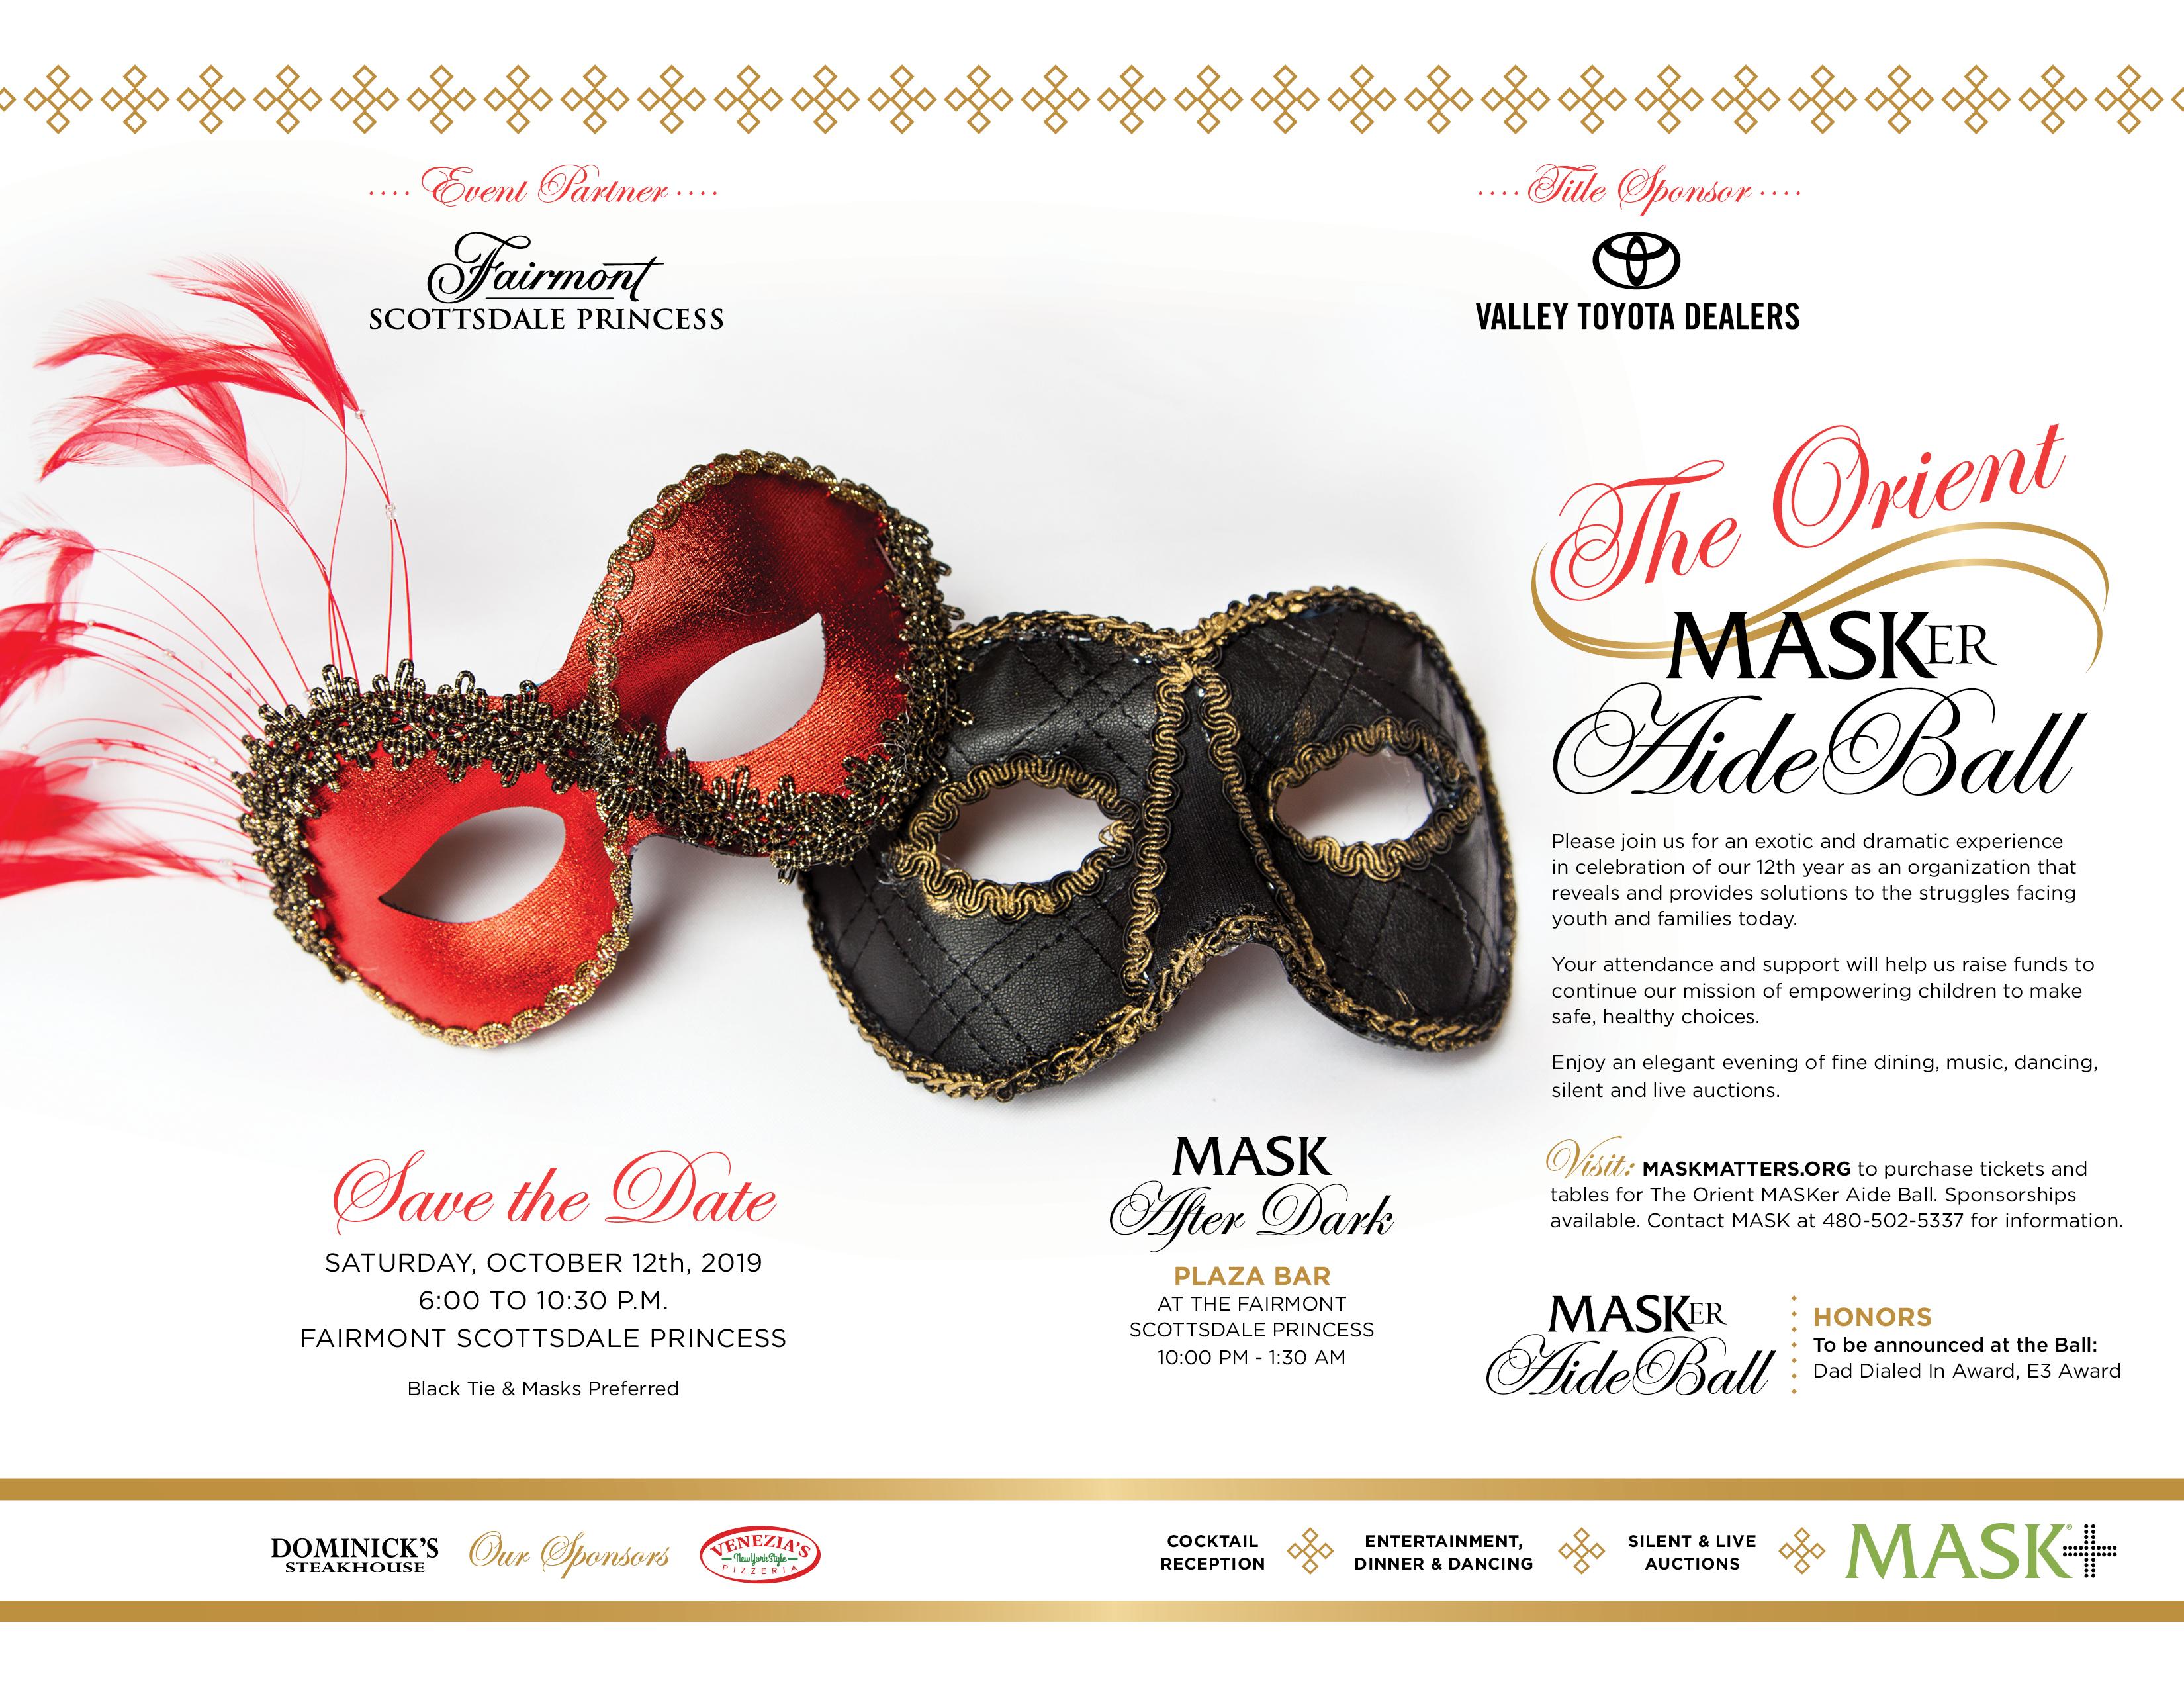 Dating program masker